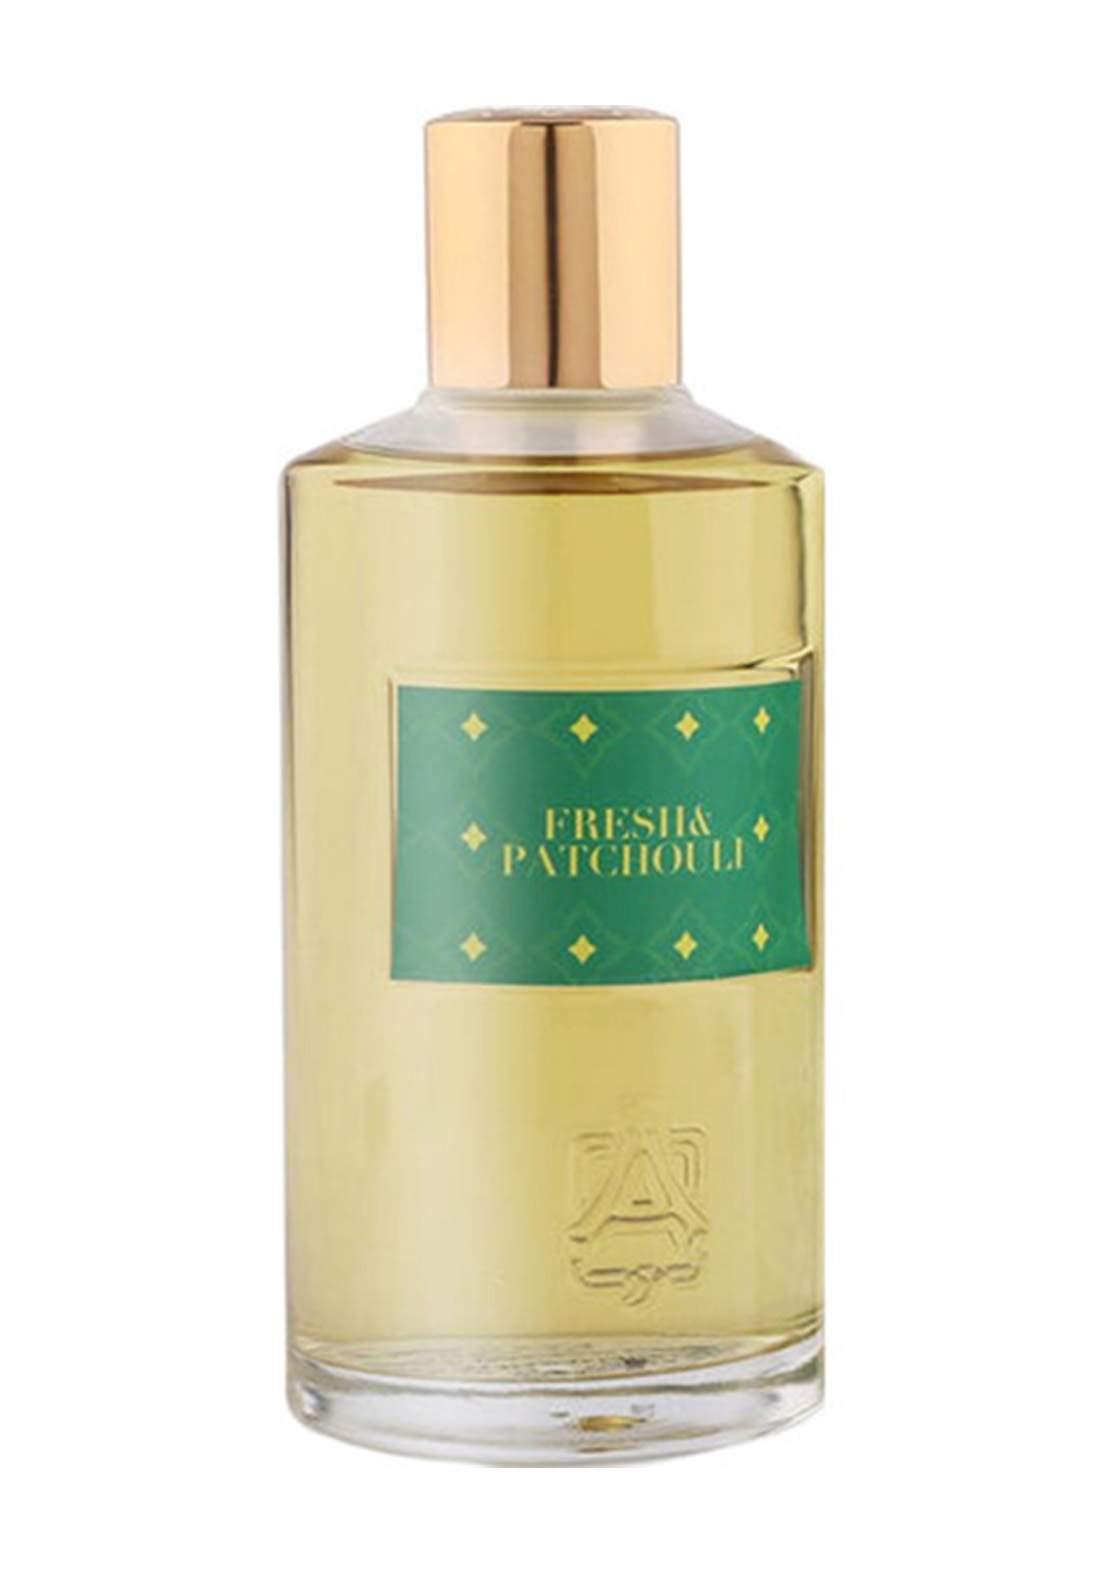 Abdul Samad Al Qurashi 71608 Fresh & Patchouli Perfume 200ml عطر